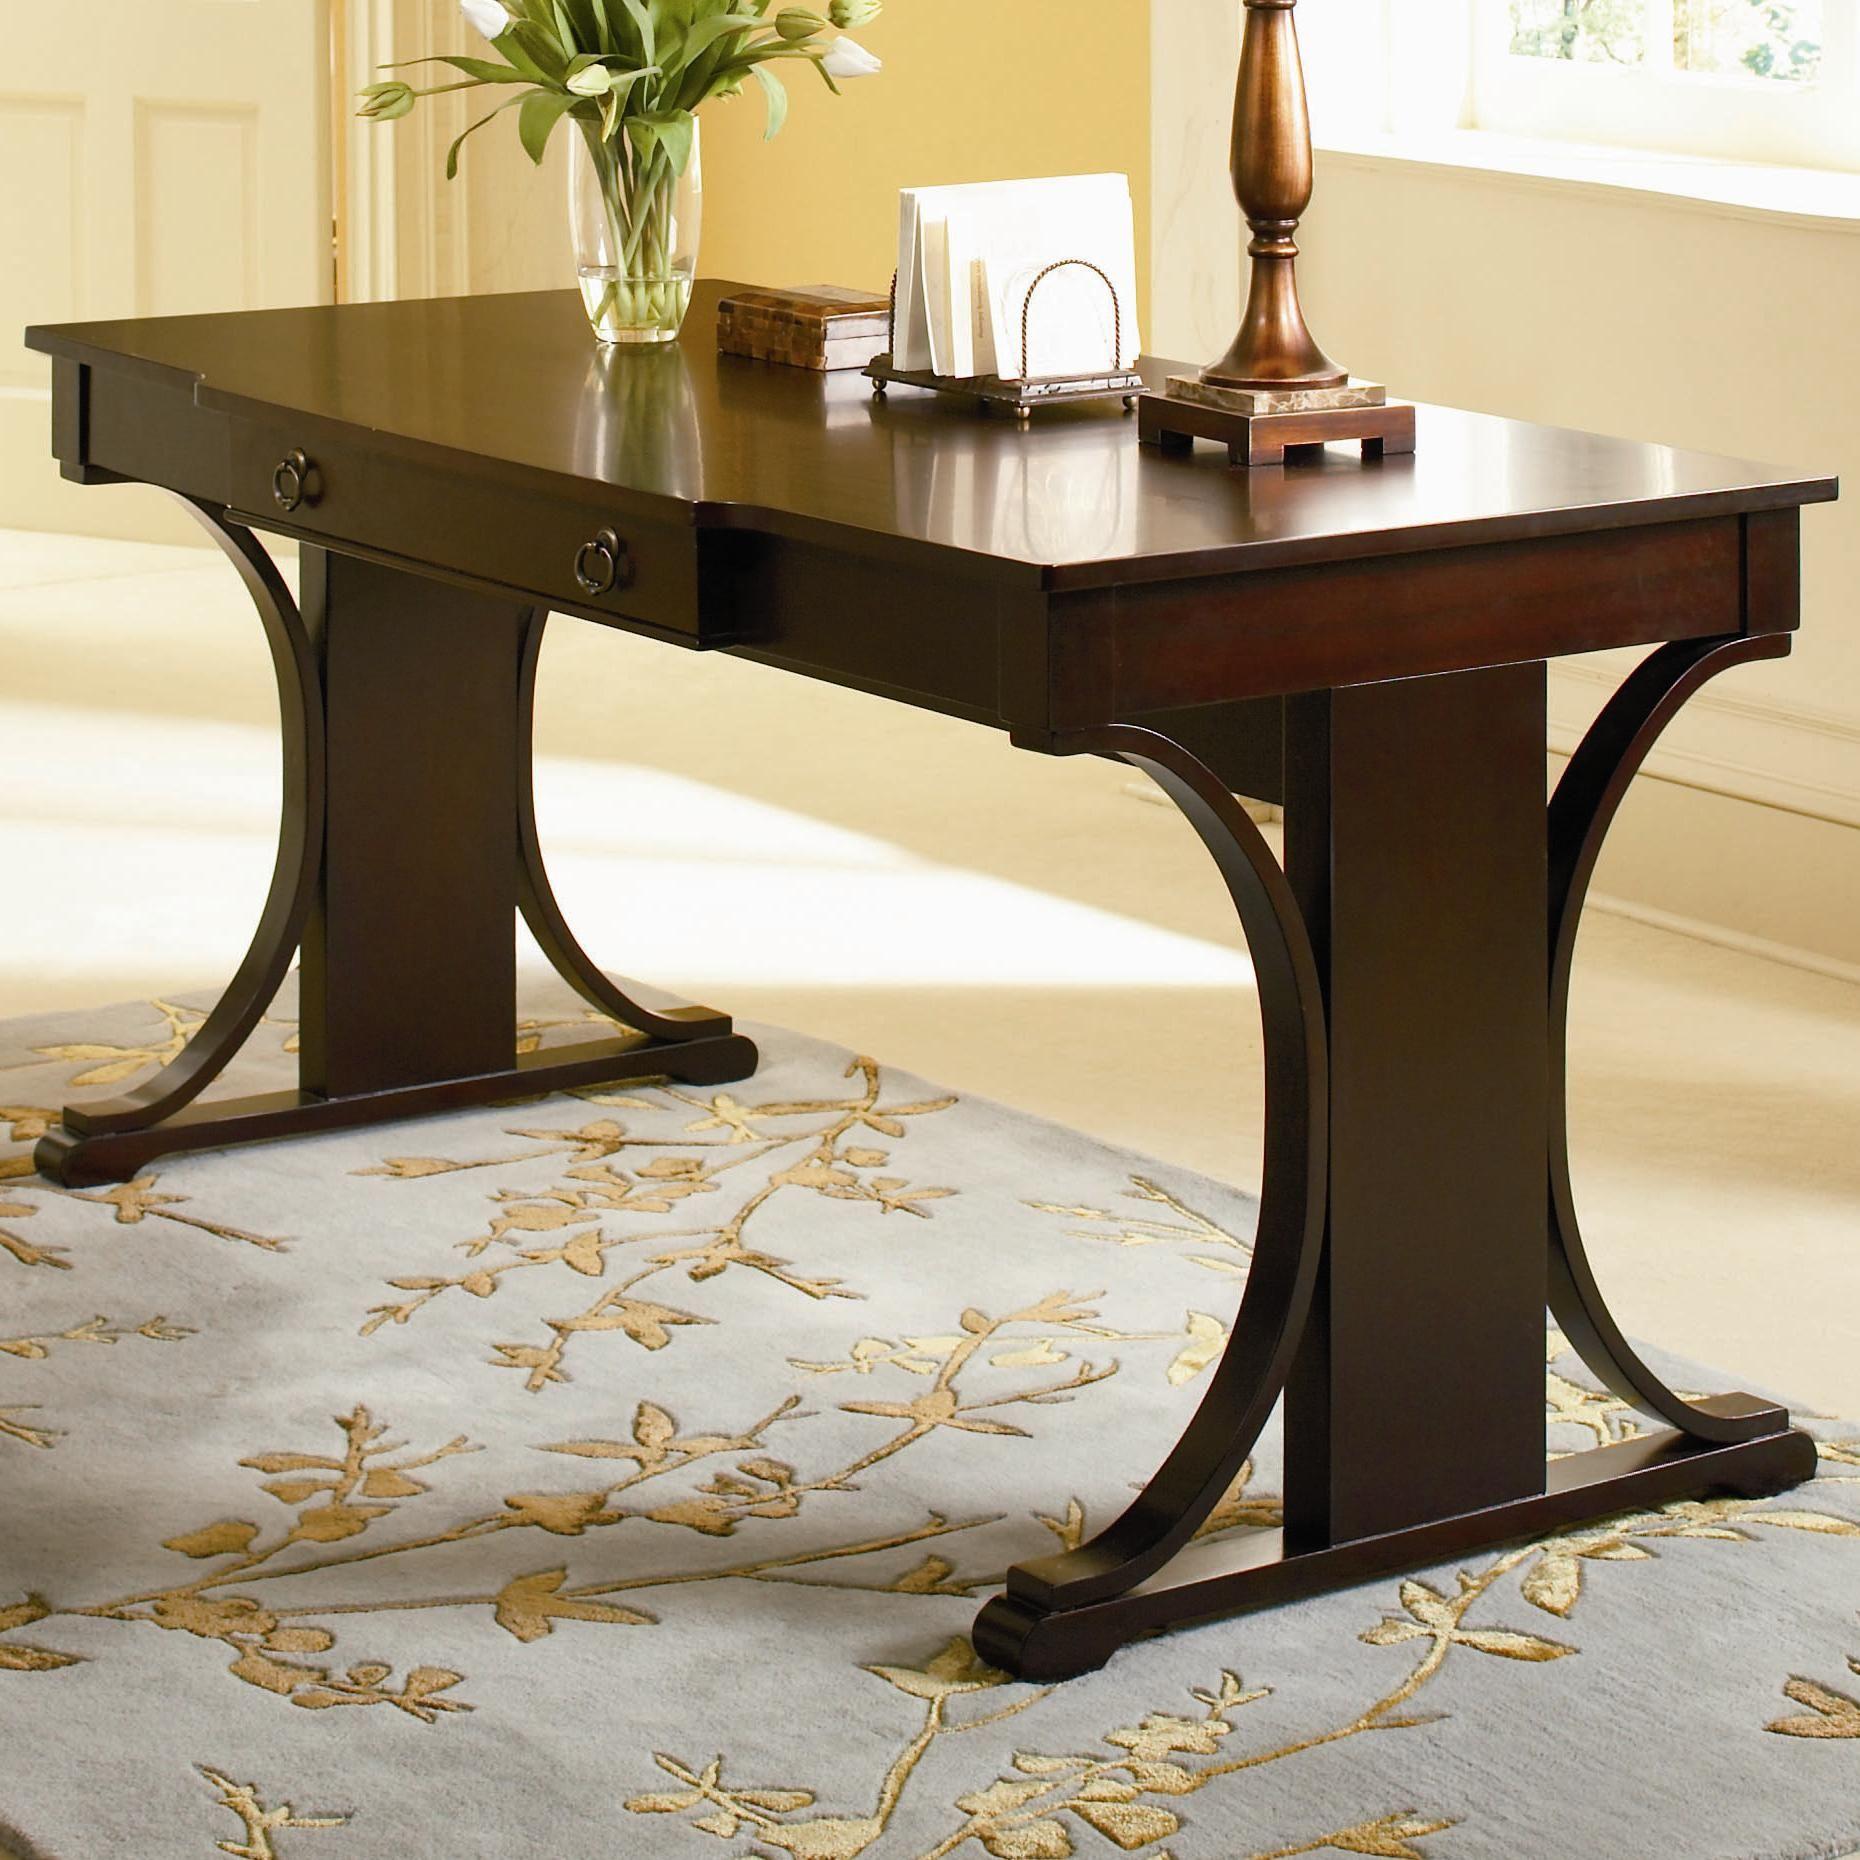 Possible Furniture Choice For Correggio Model At WCI's